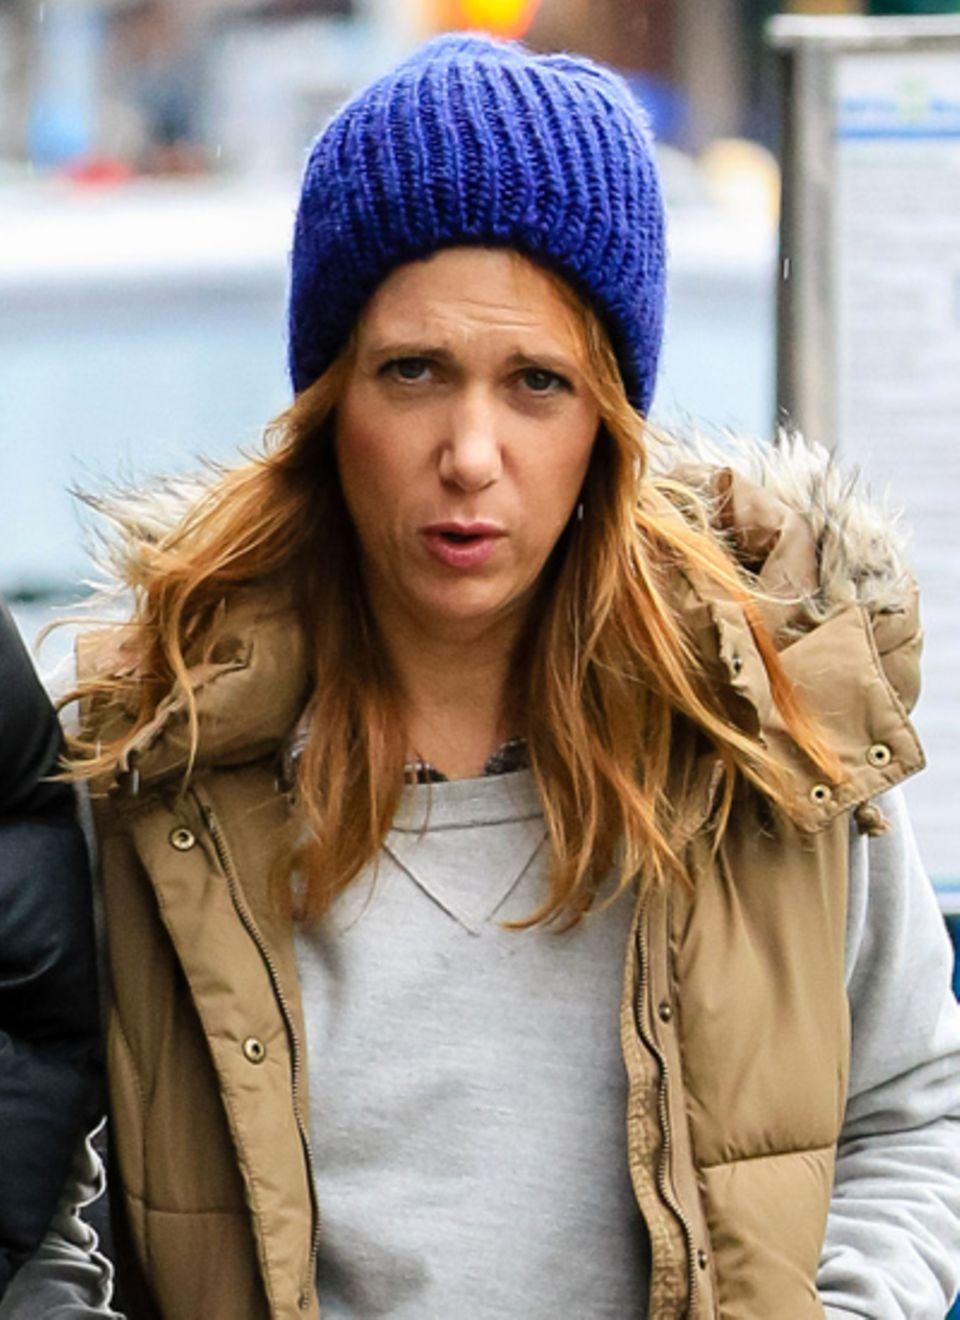 Bei rötlichen Haaren wie die von Kristen Wiig sind royalblaue Mützen ein besonders schöner Kontrast.